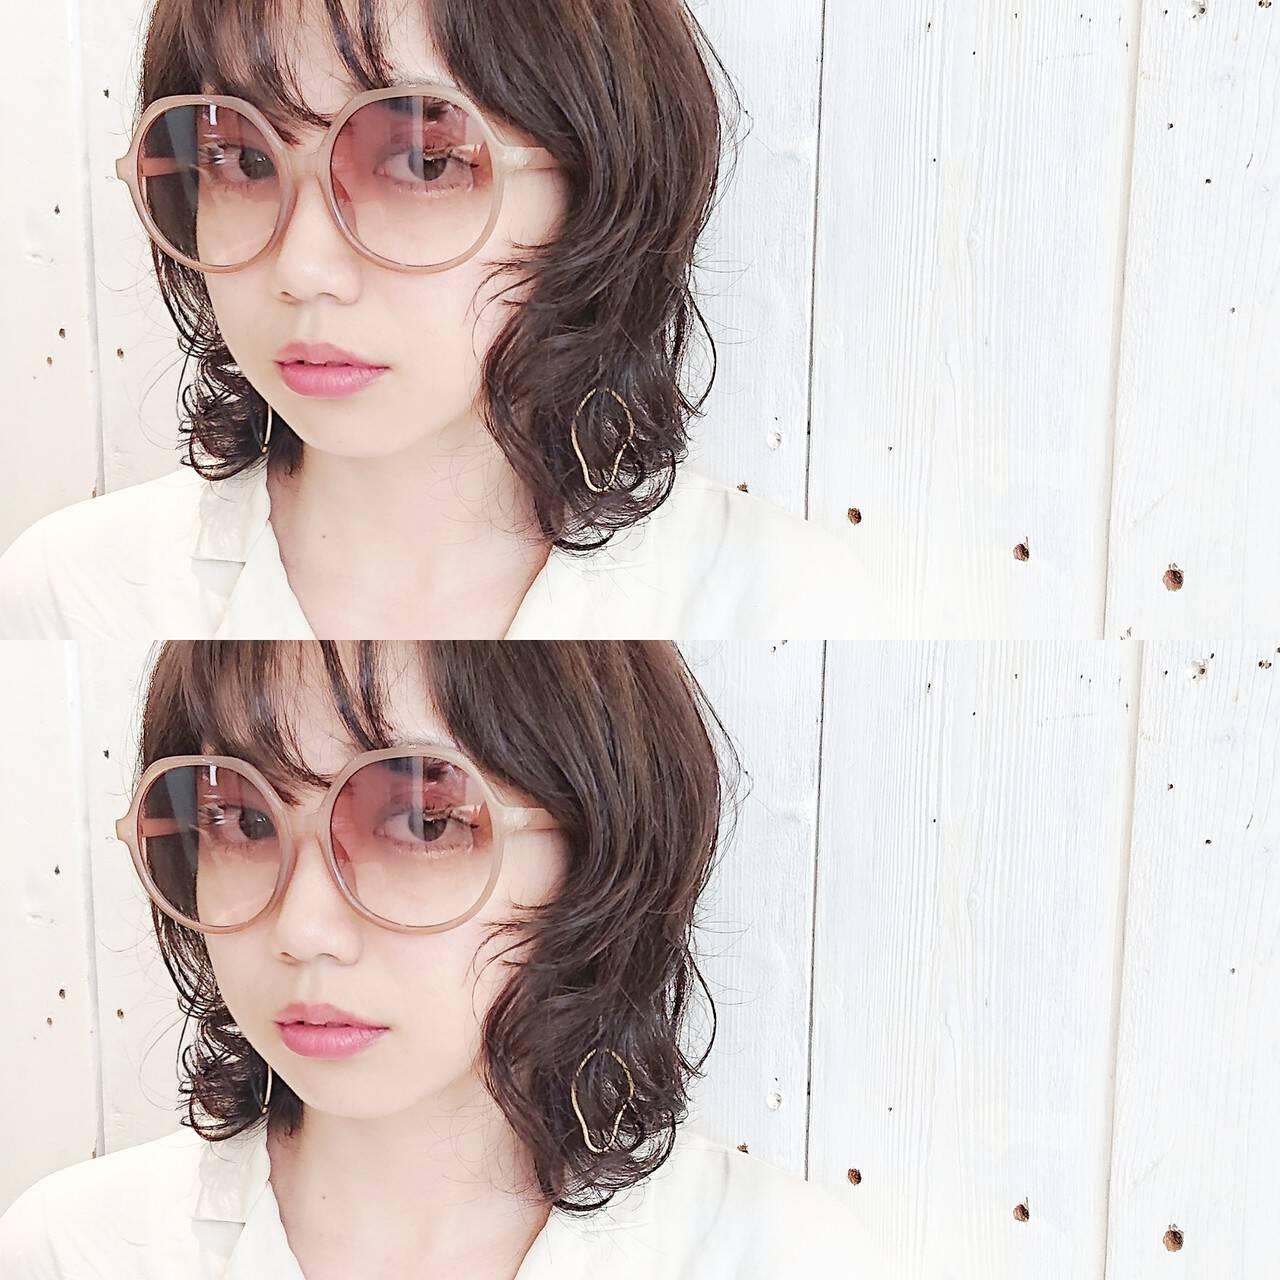 ミディアム マッシュ モード パーマヘアスタイルや髪型の写真・画像